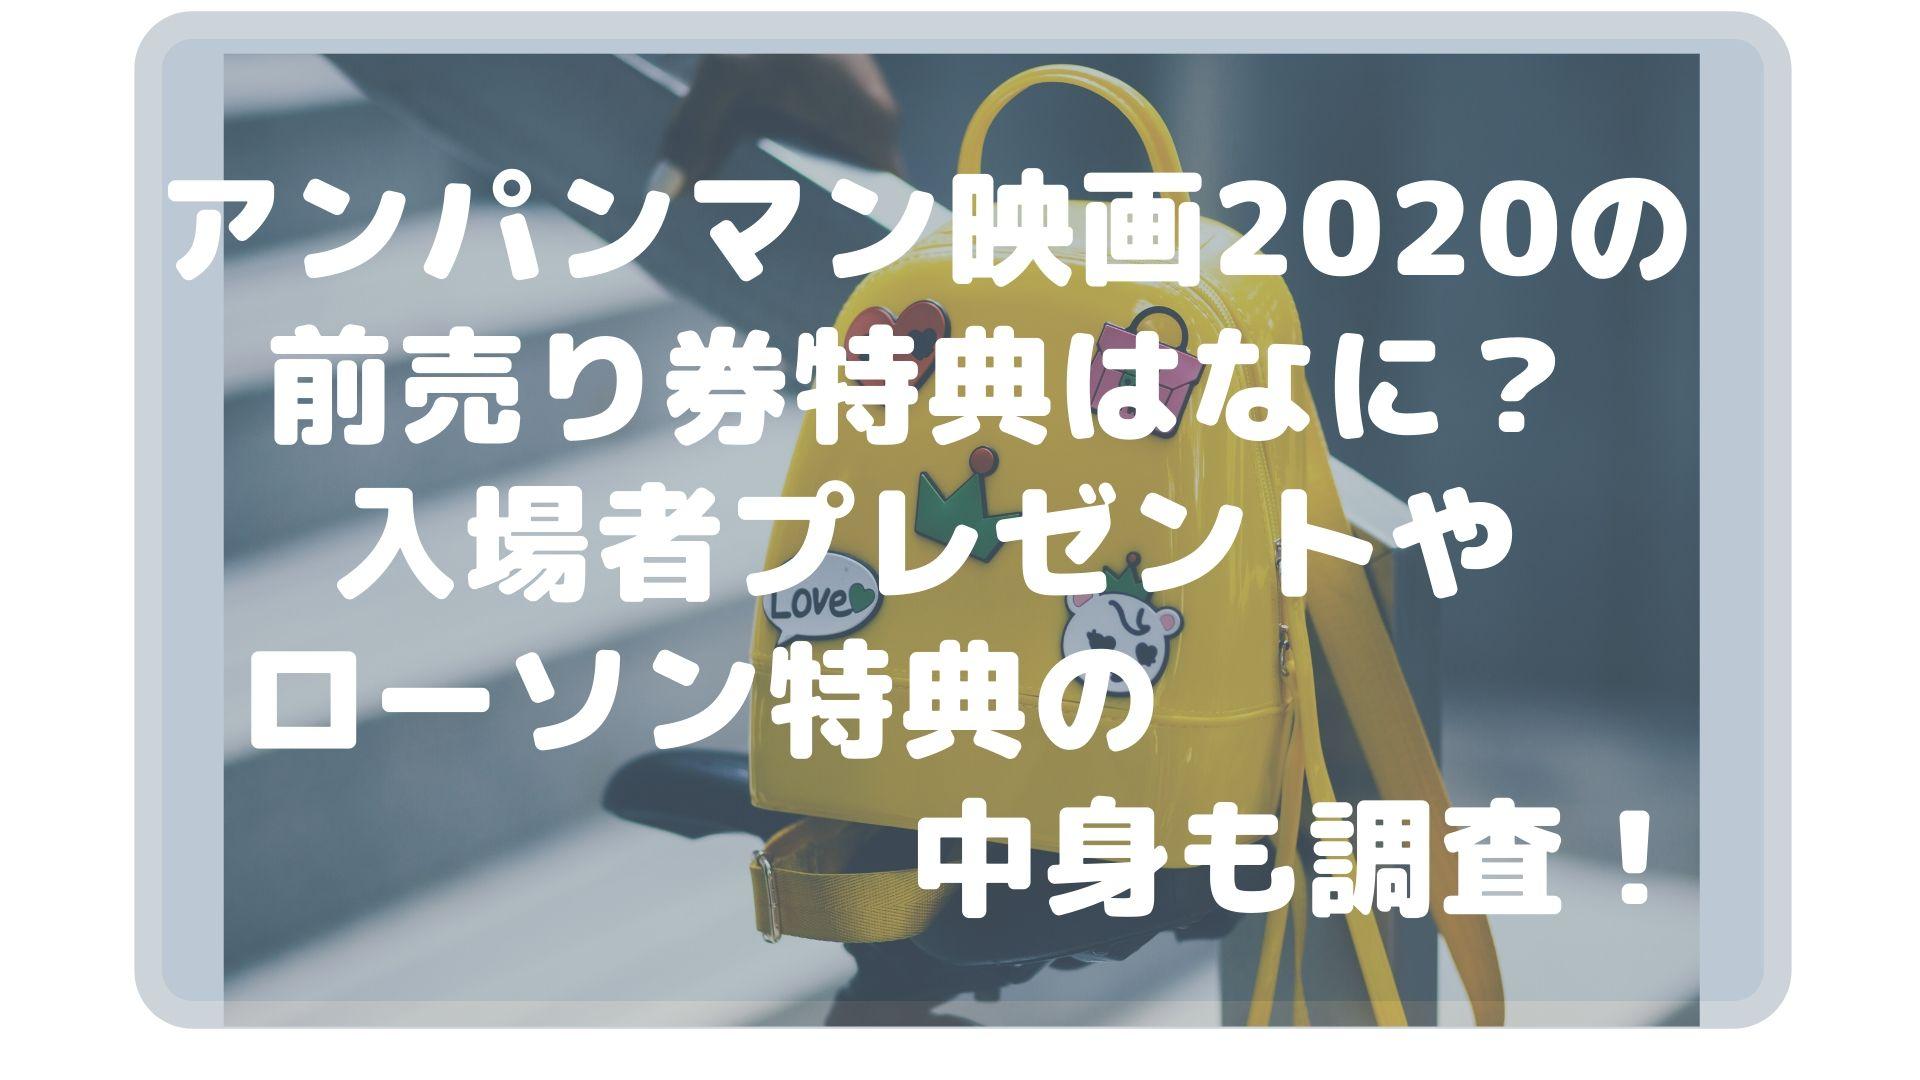 2020年アンパンマン映画の前売り特典や入場者プレゼントローソン特典の中身も調査タイトル画像